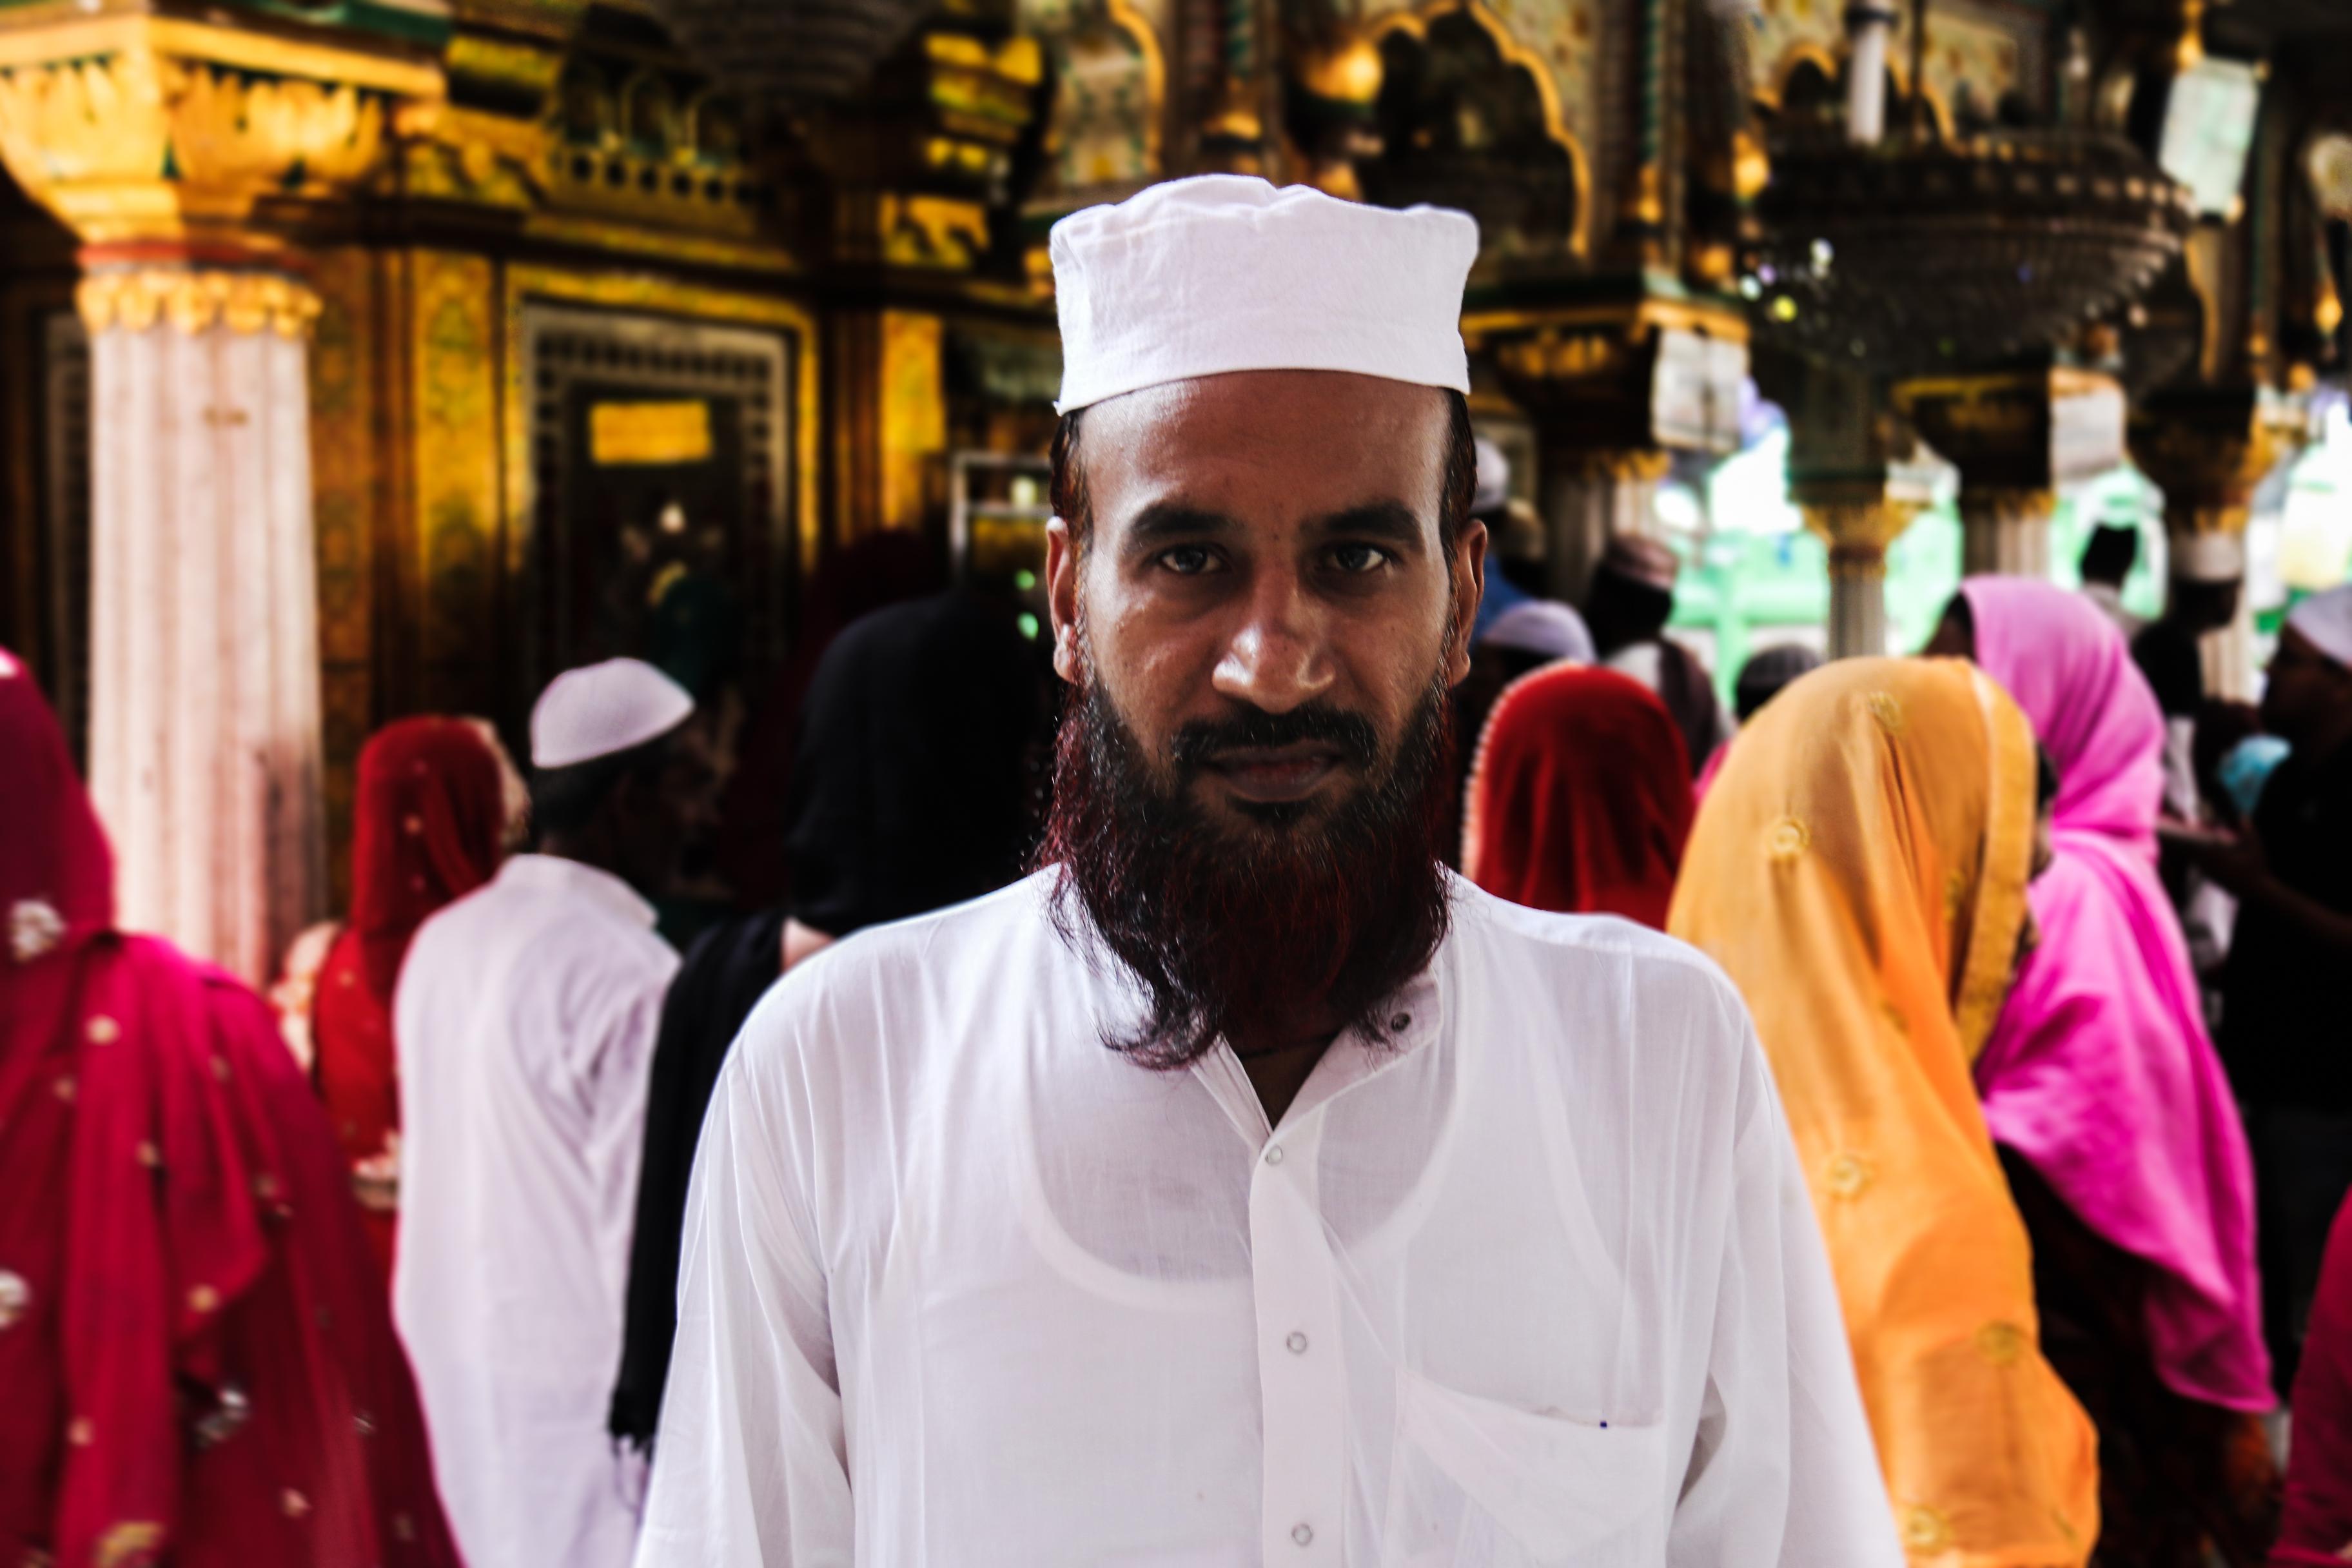 Nizamuddin Dargah, India